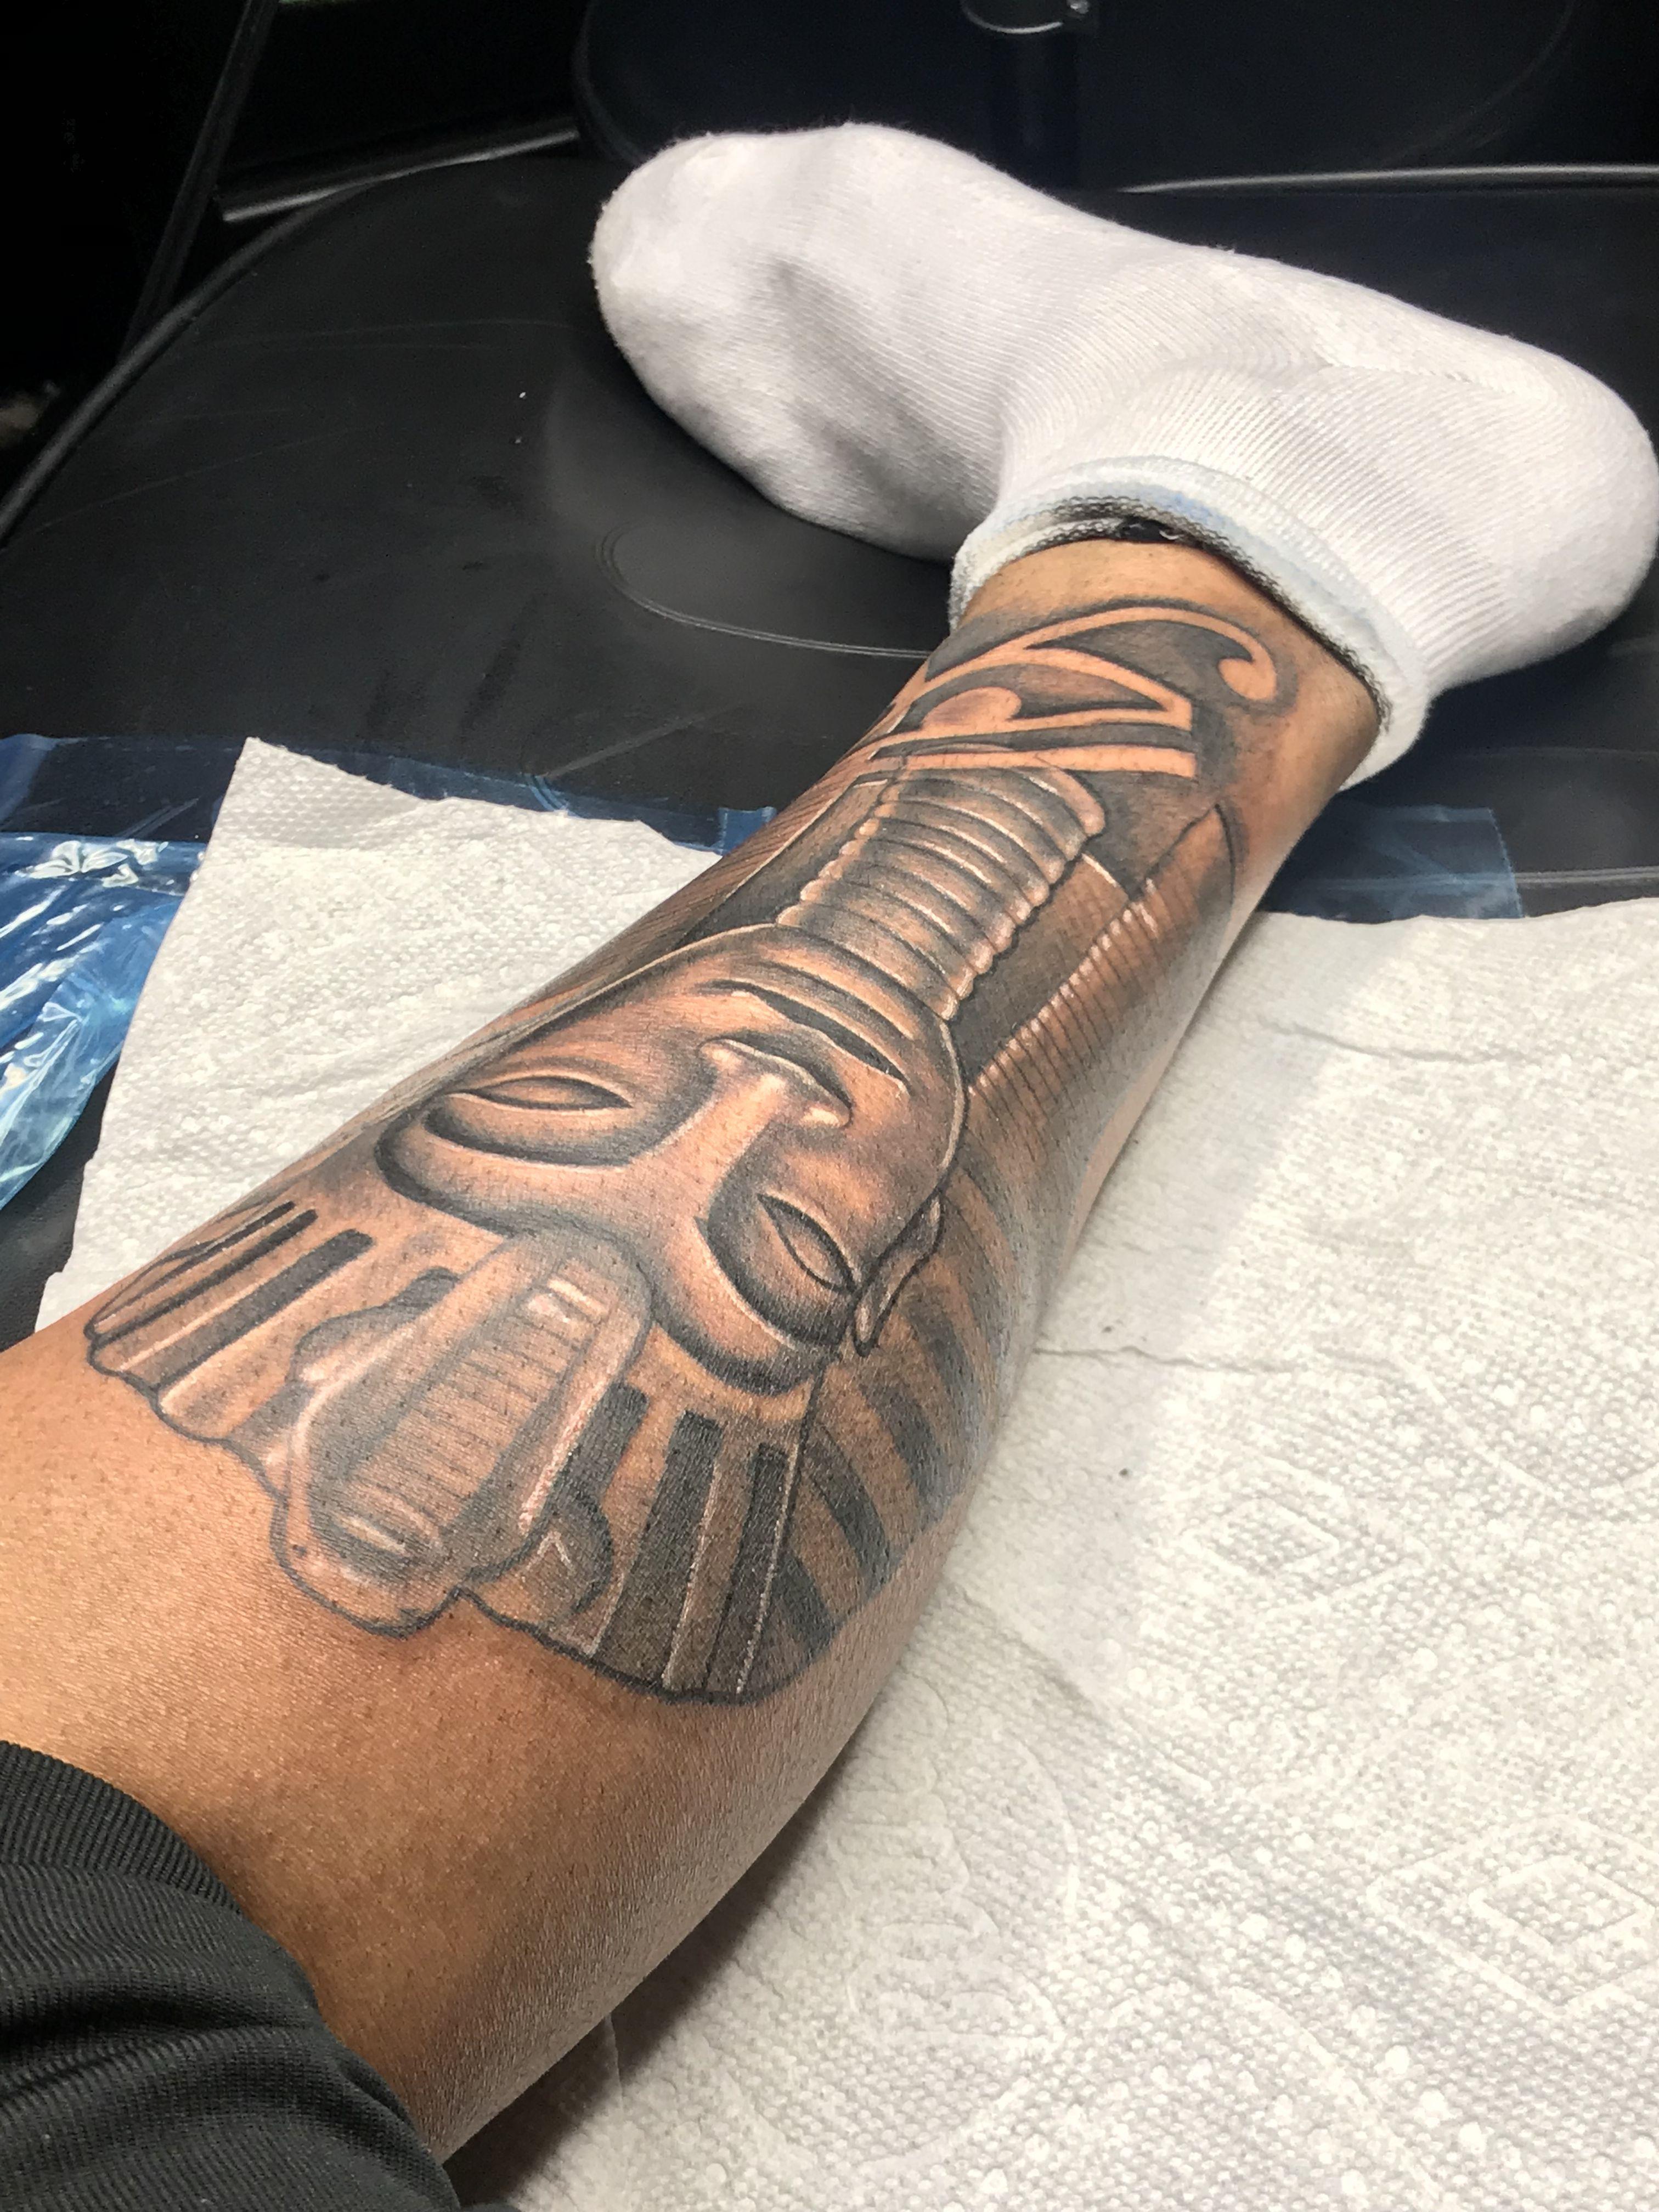 King tut tattoo king tut tattoo tattoos thigh tattoo